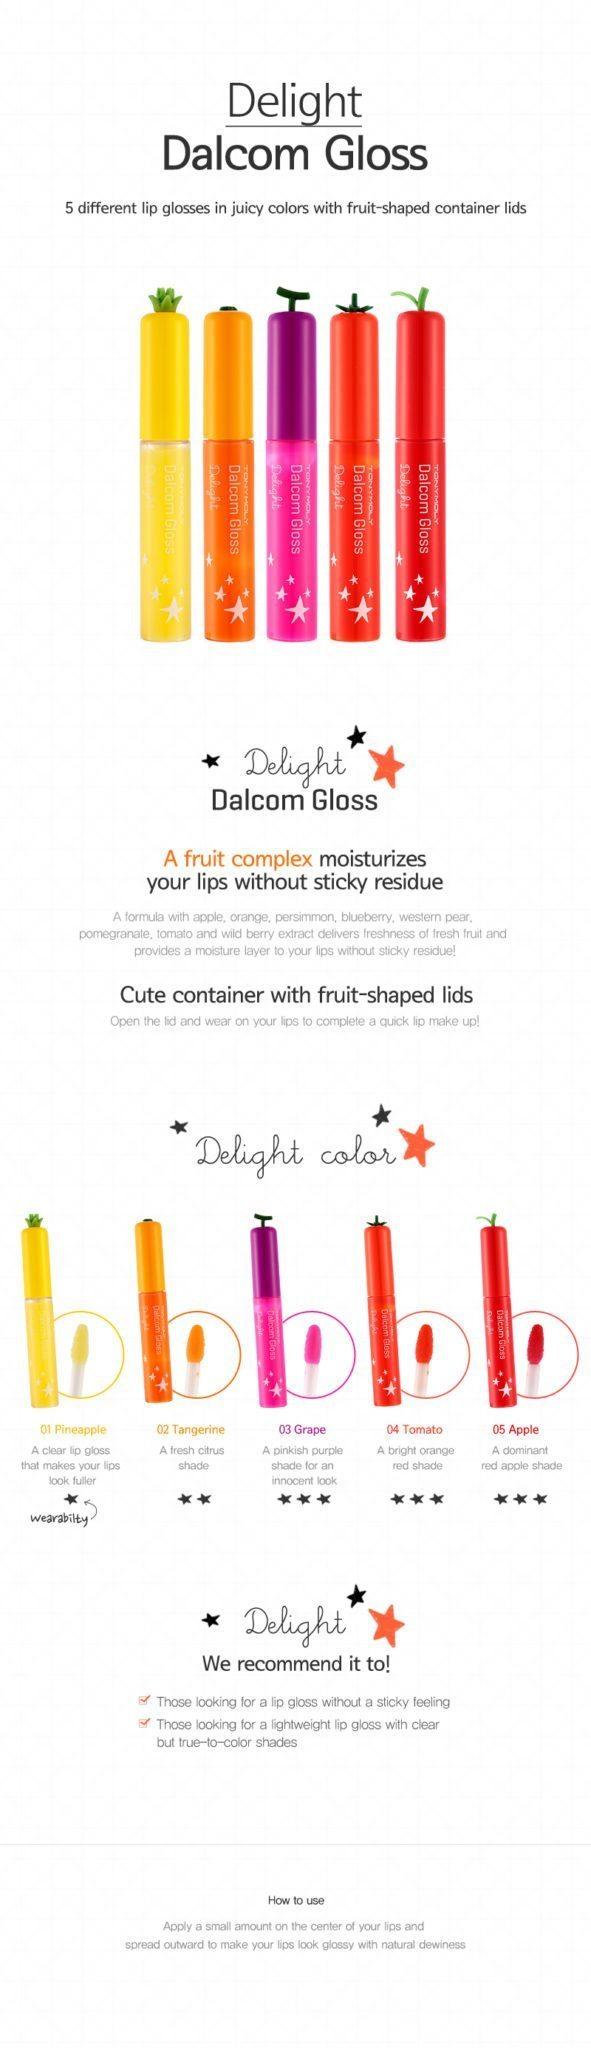 TONYMOLY Delight Dalcom Gloss 7ml